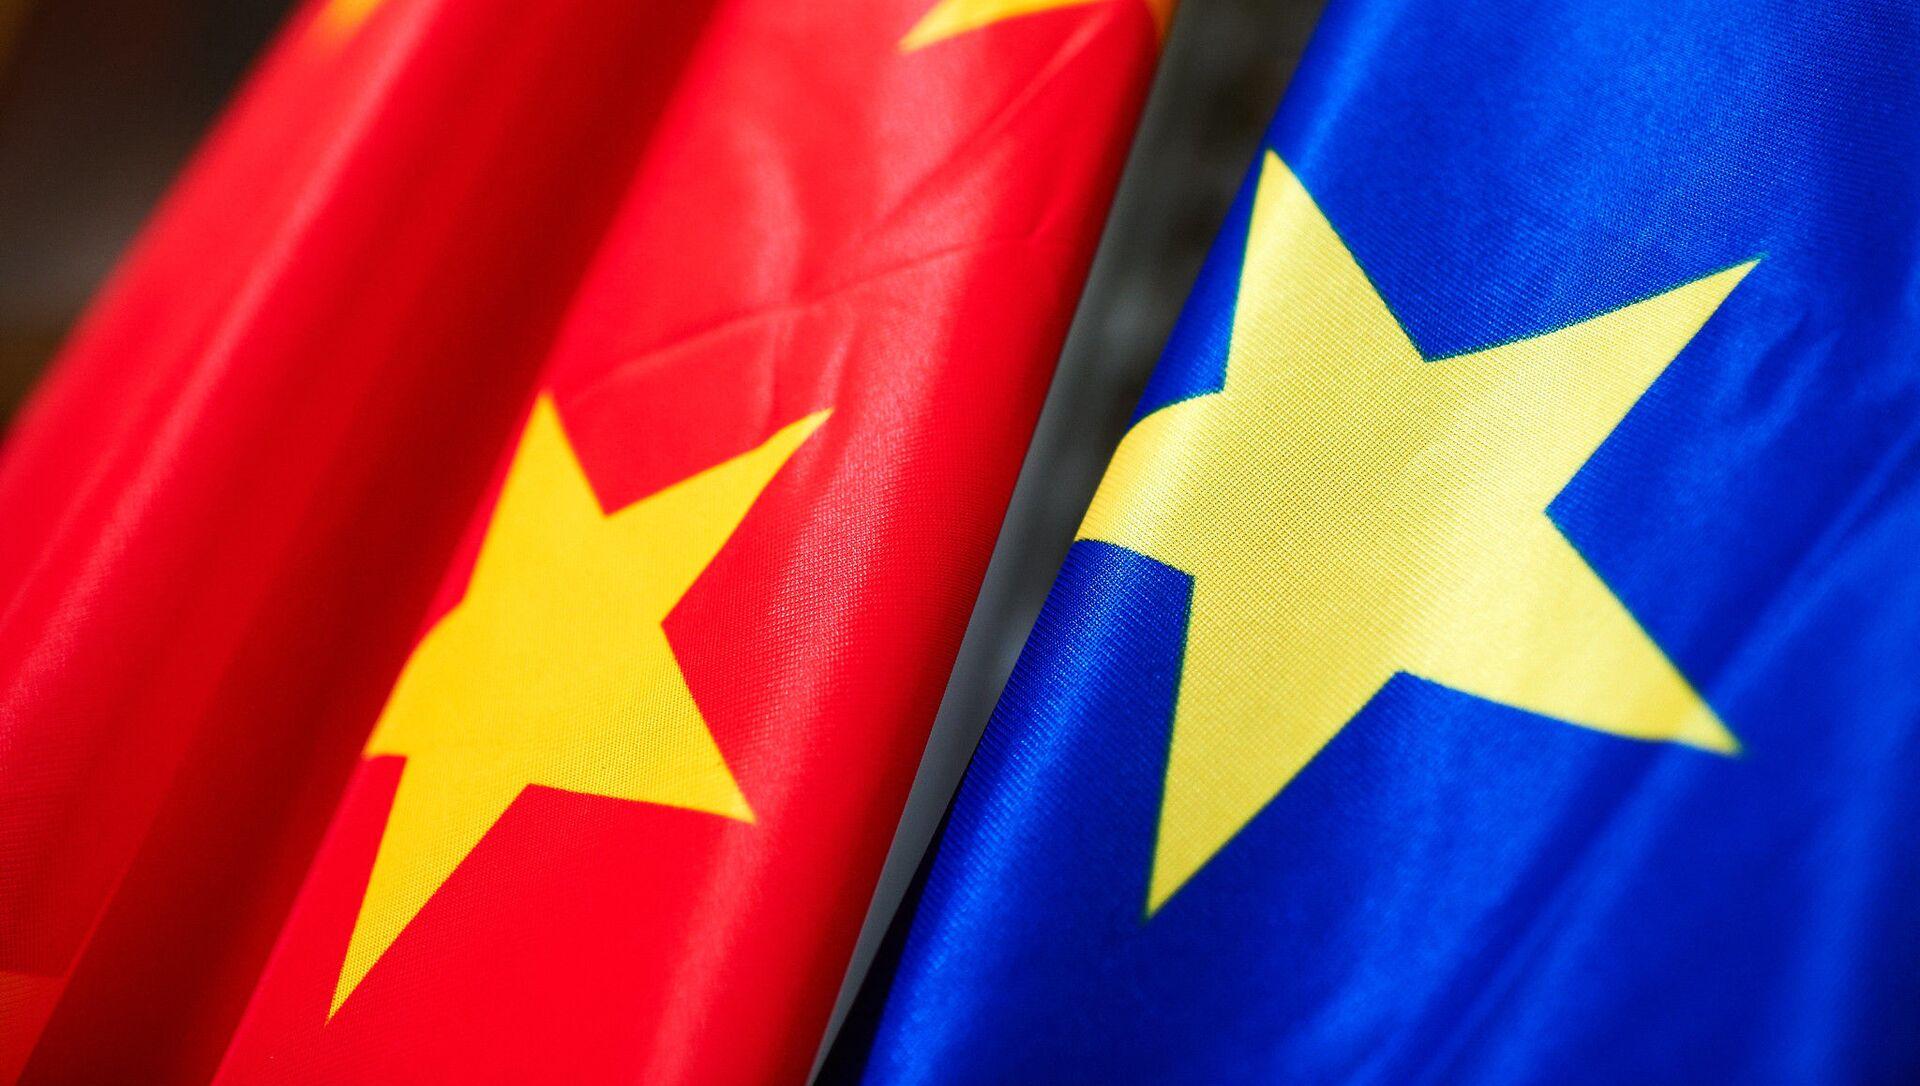 Bandiere di Cina e Ue - Sputnik Italia, 1920, 21.04.2021